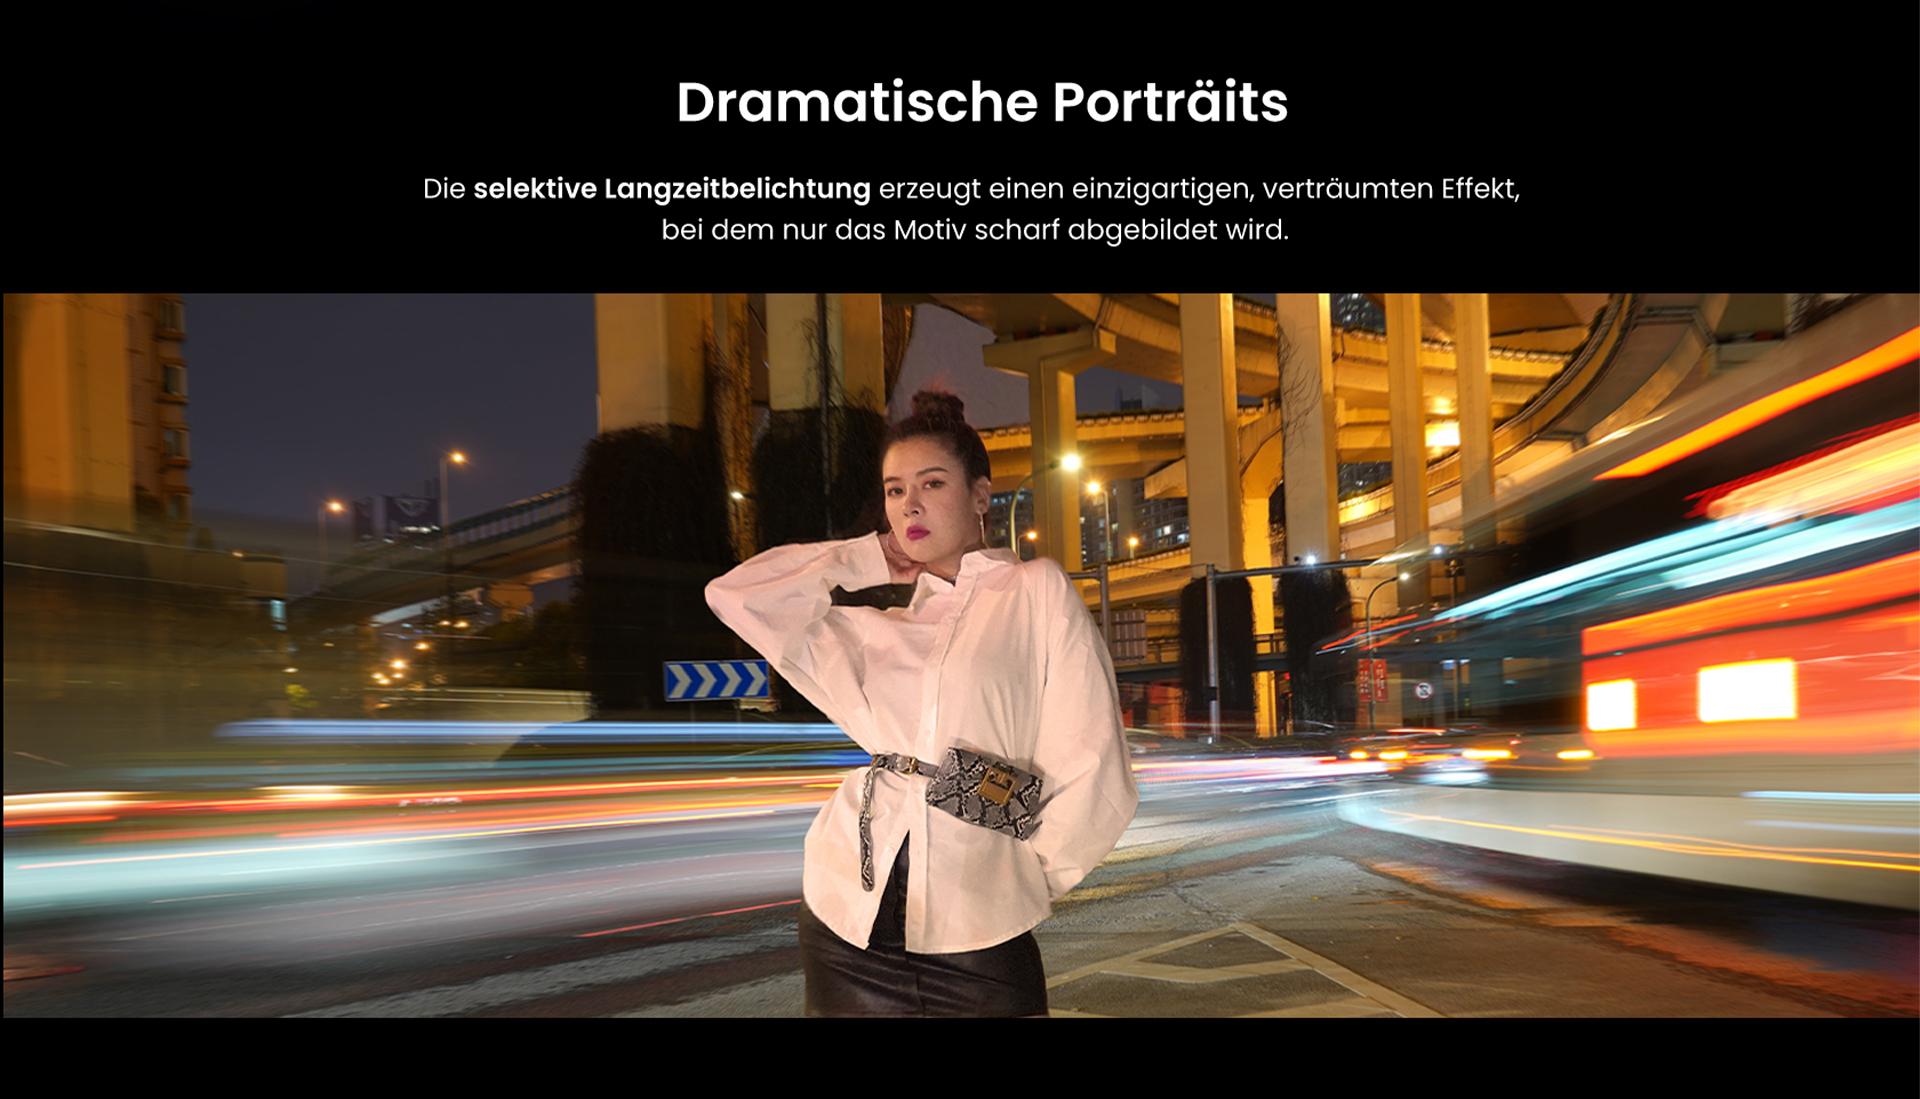 Dramatische Porträts mit dem Axon 30 Ultra - Die selektive Langzeitbelichtung erzeugt einen einzigariten, verträumten Effekt, bei dem nur das Motiv scharf abgebildet wird